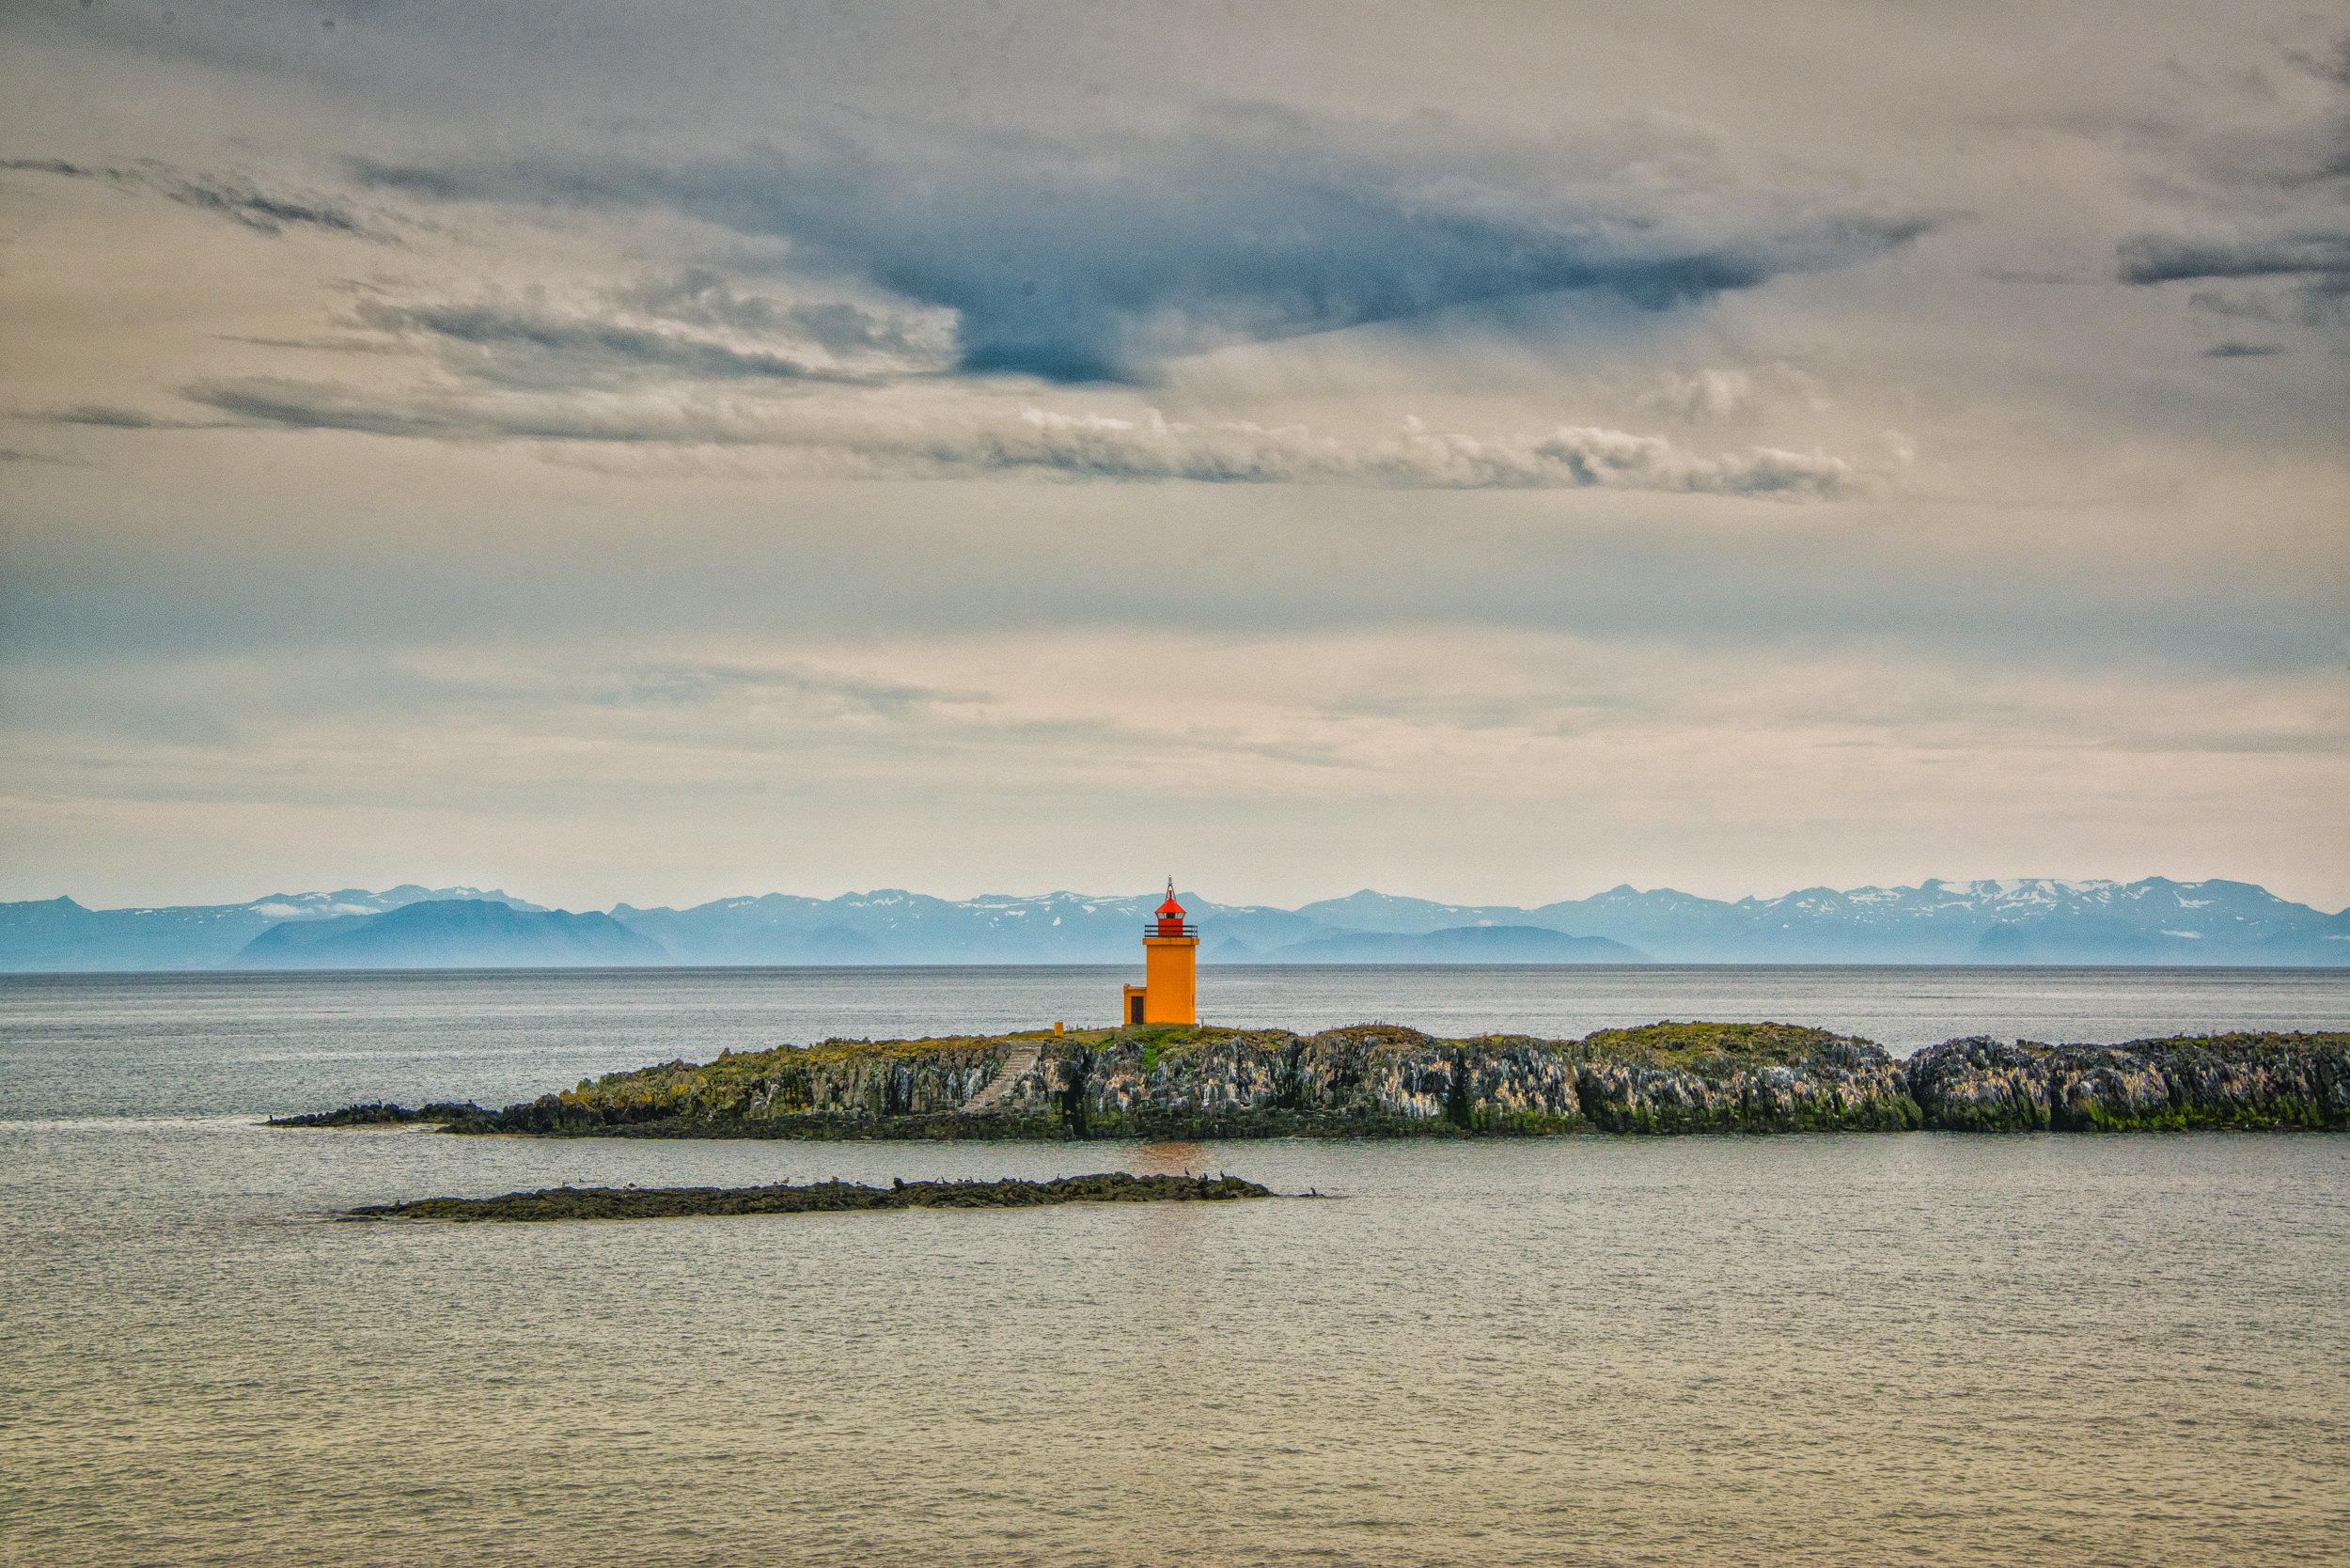 [2012 08 12] Iceland Snaefellsas1 NIKON D800 (4216)-Edit-Edit.jpg